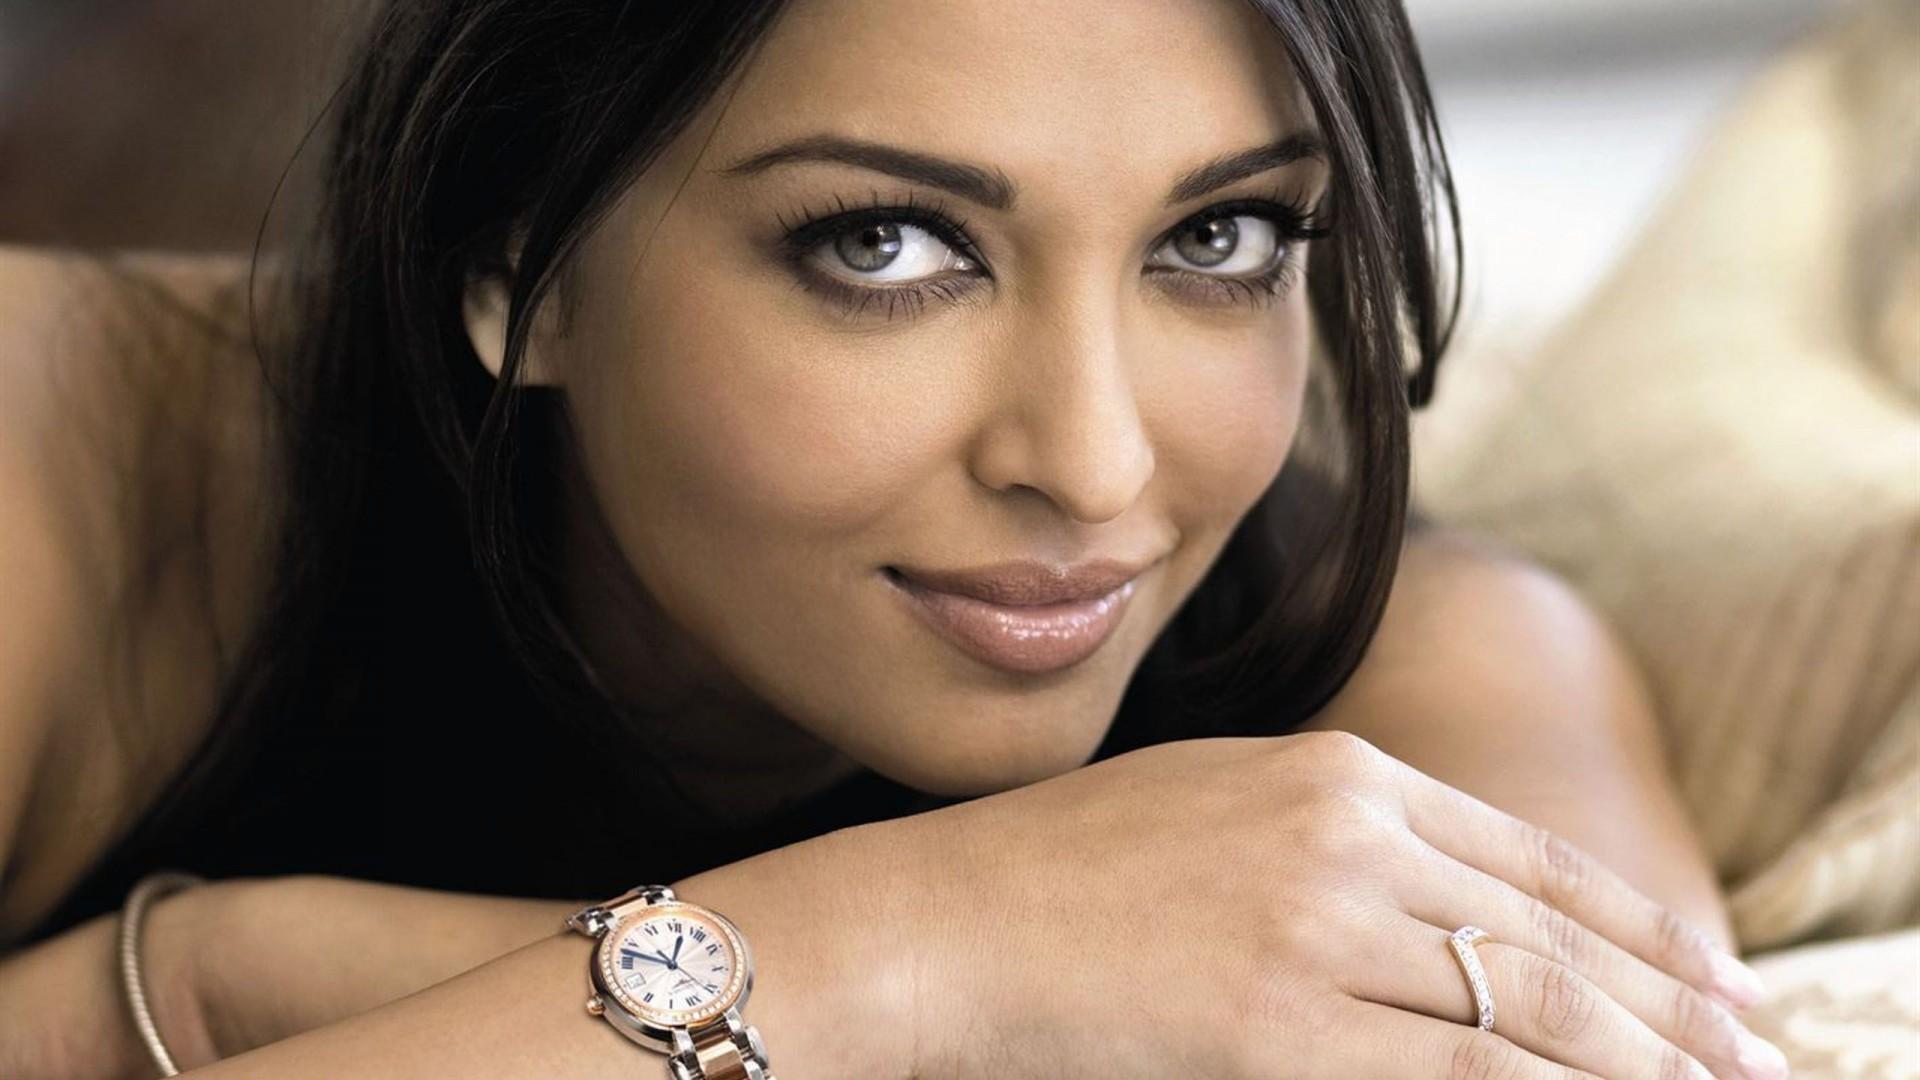 Aishwarya Rai Bachchan Wallpaper HD Free Download